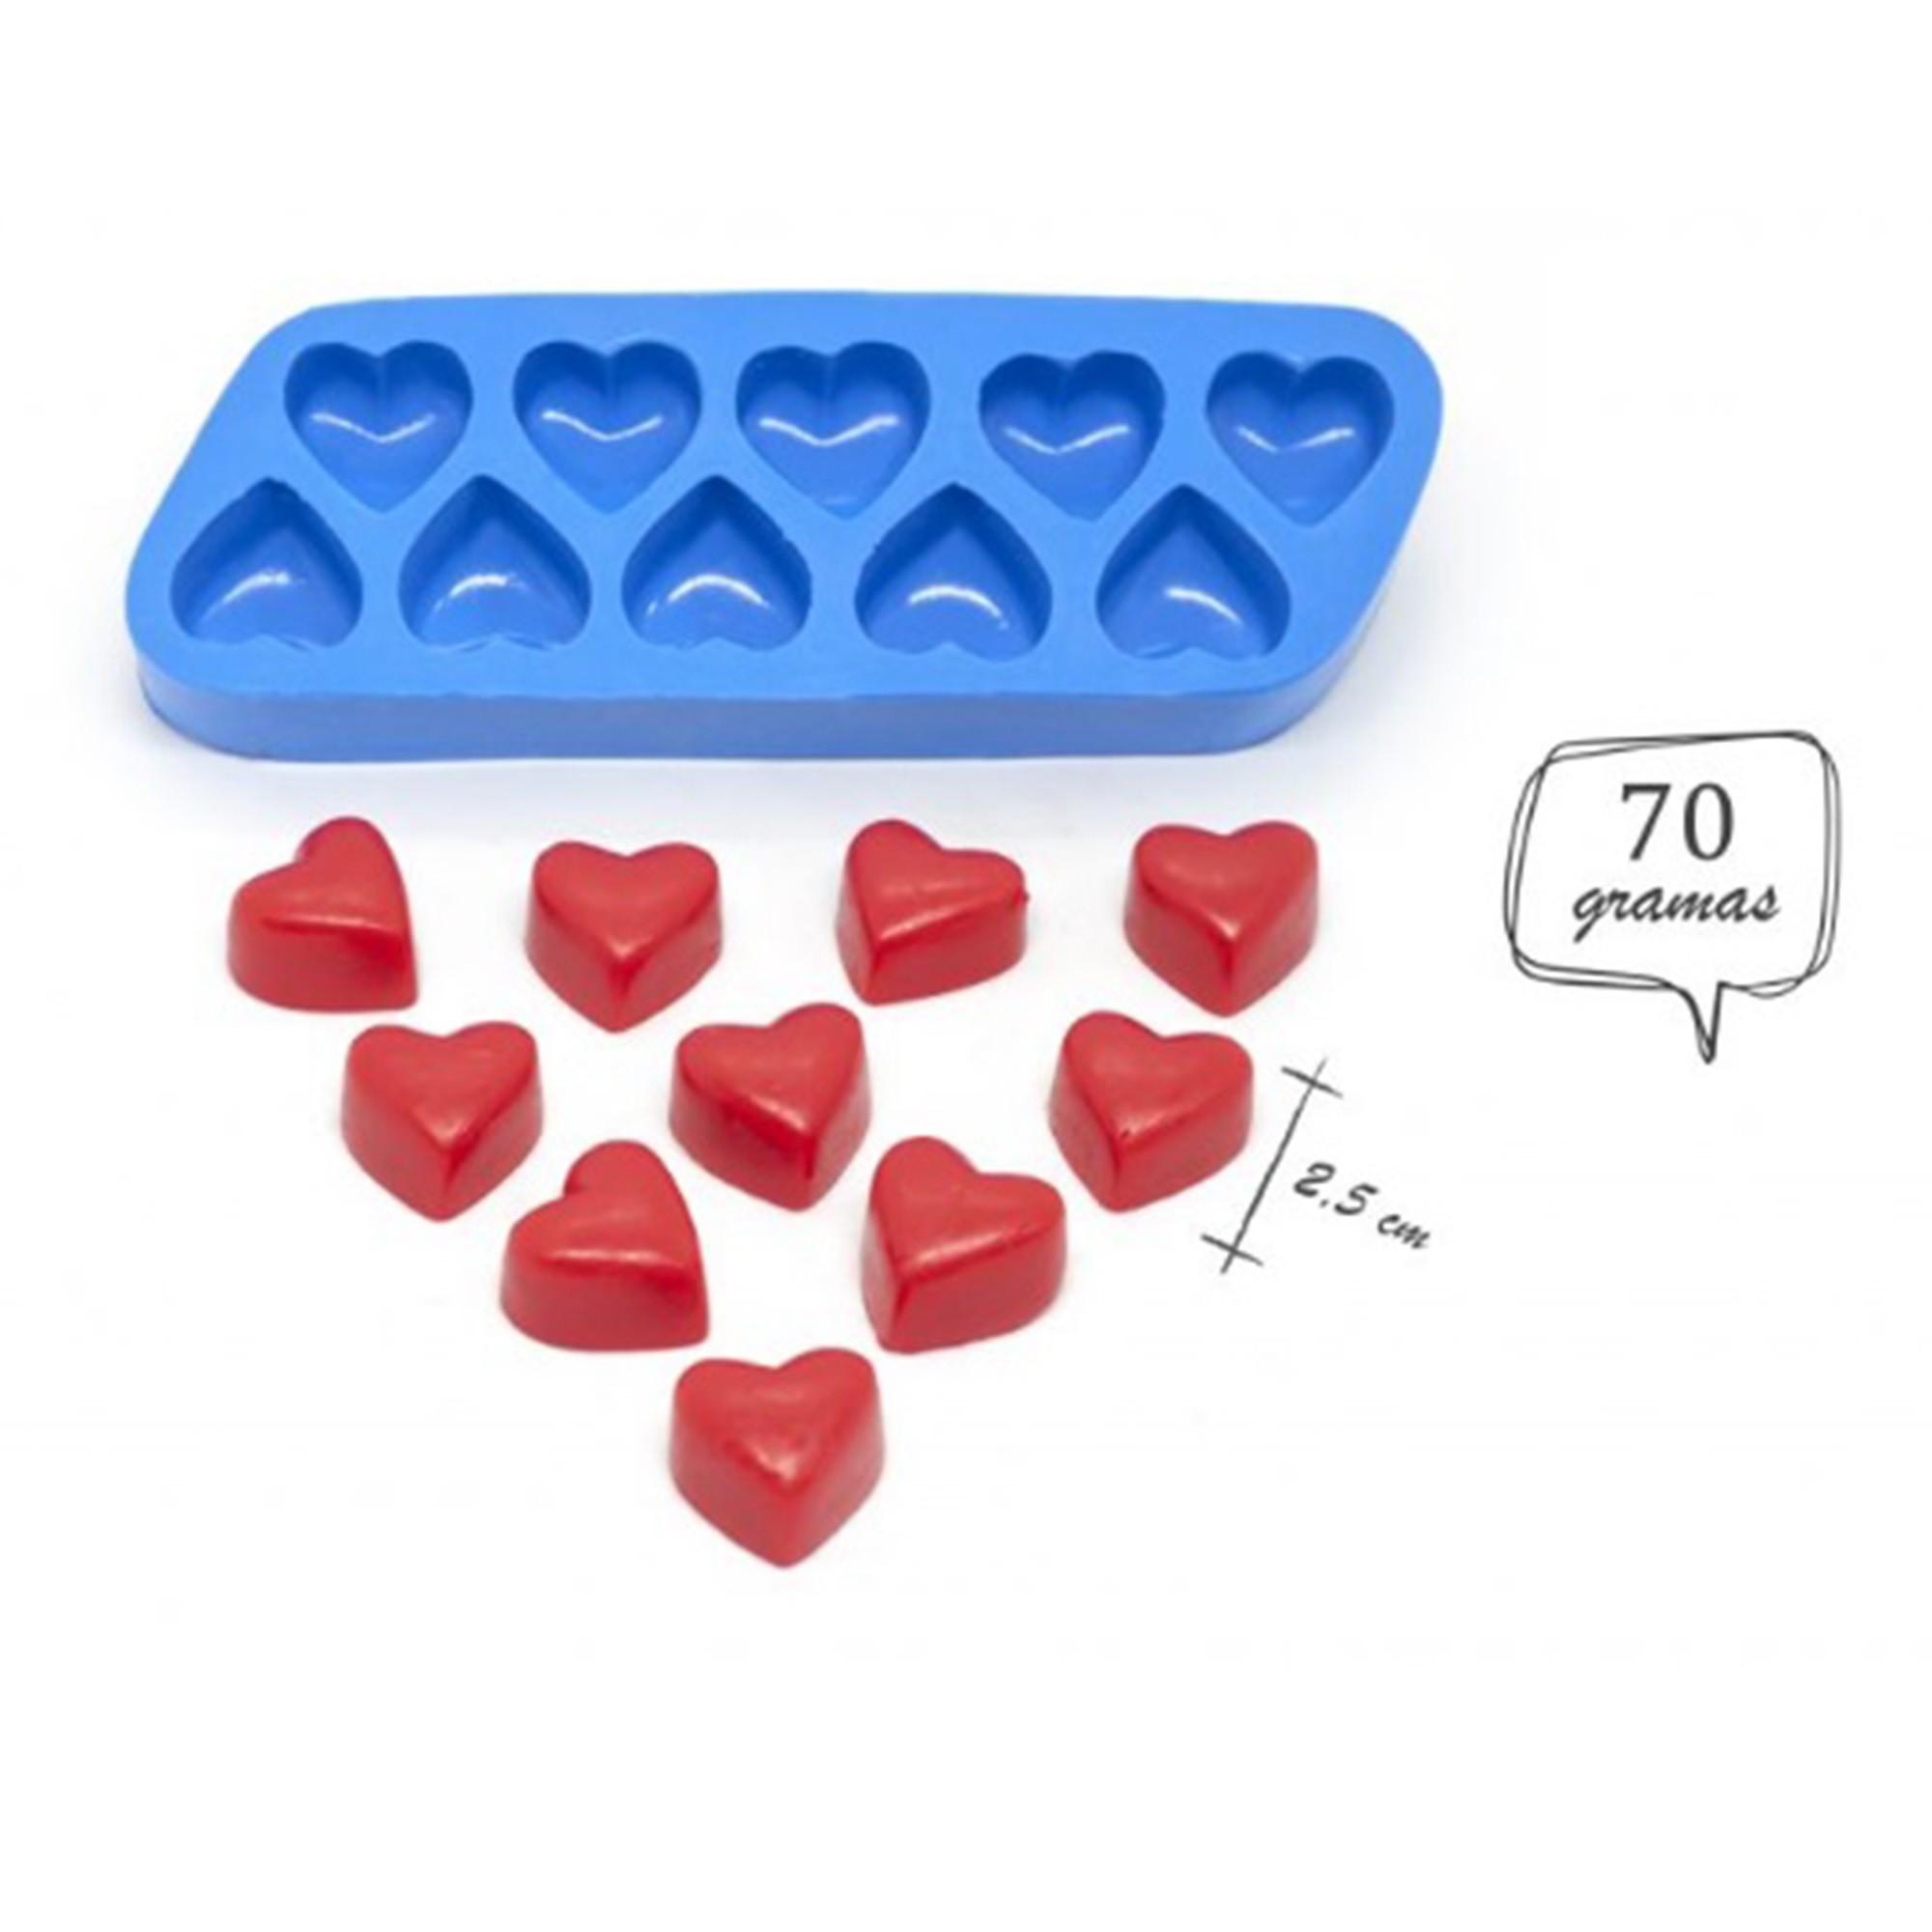 Molde de silicone de coração 10 cavidades